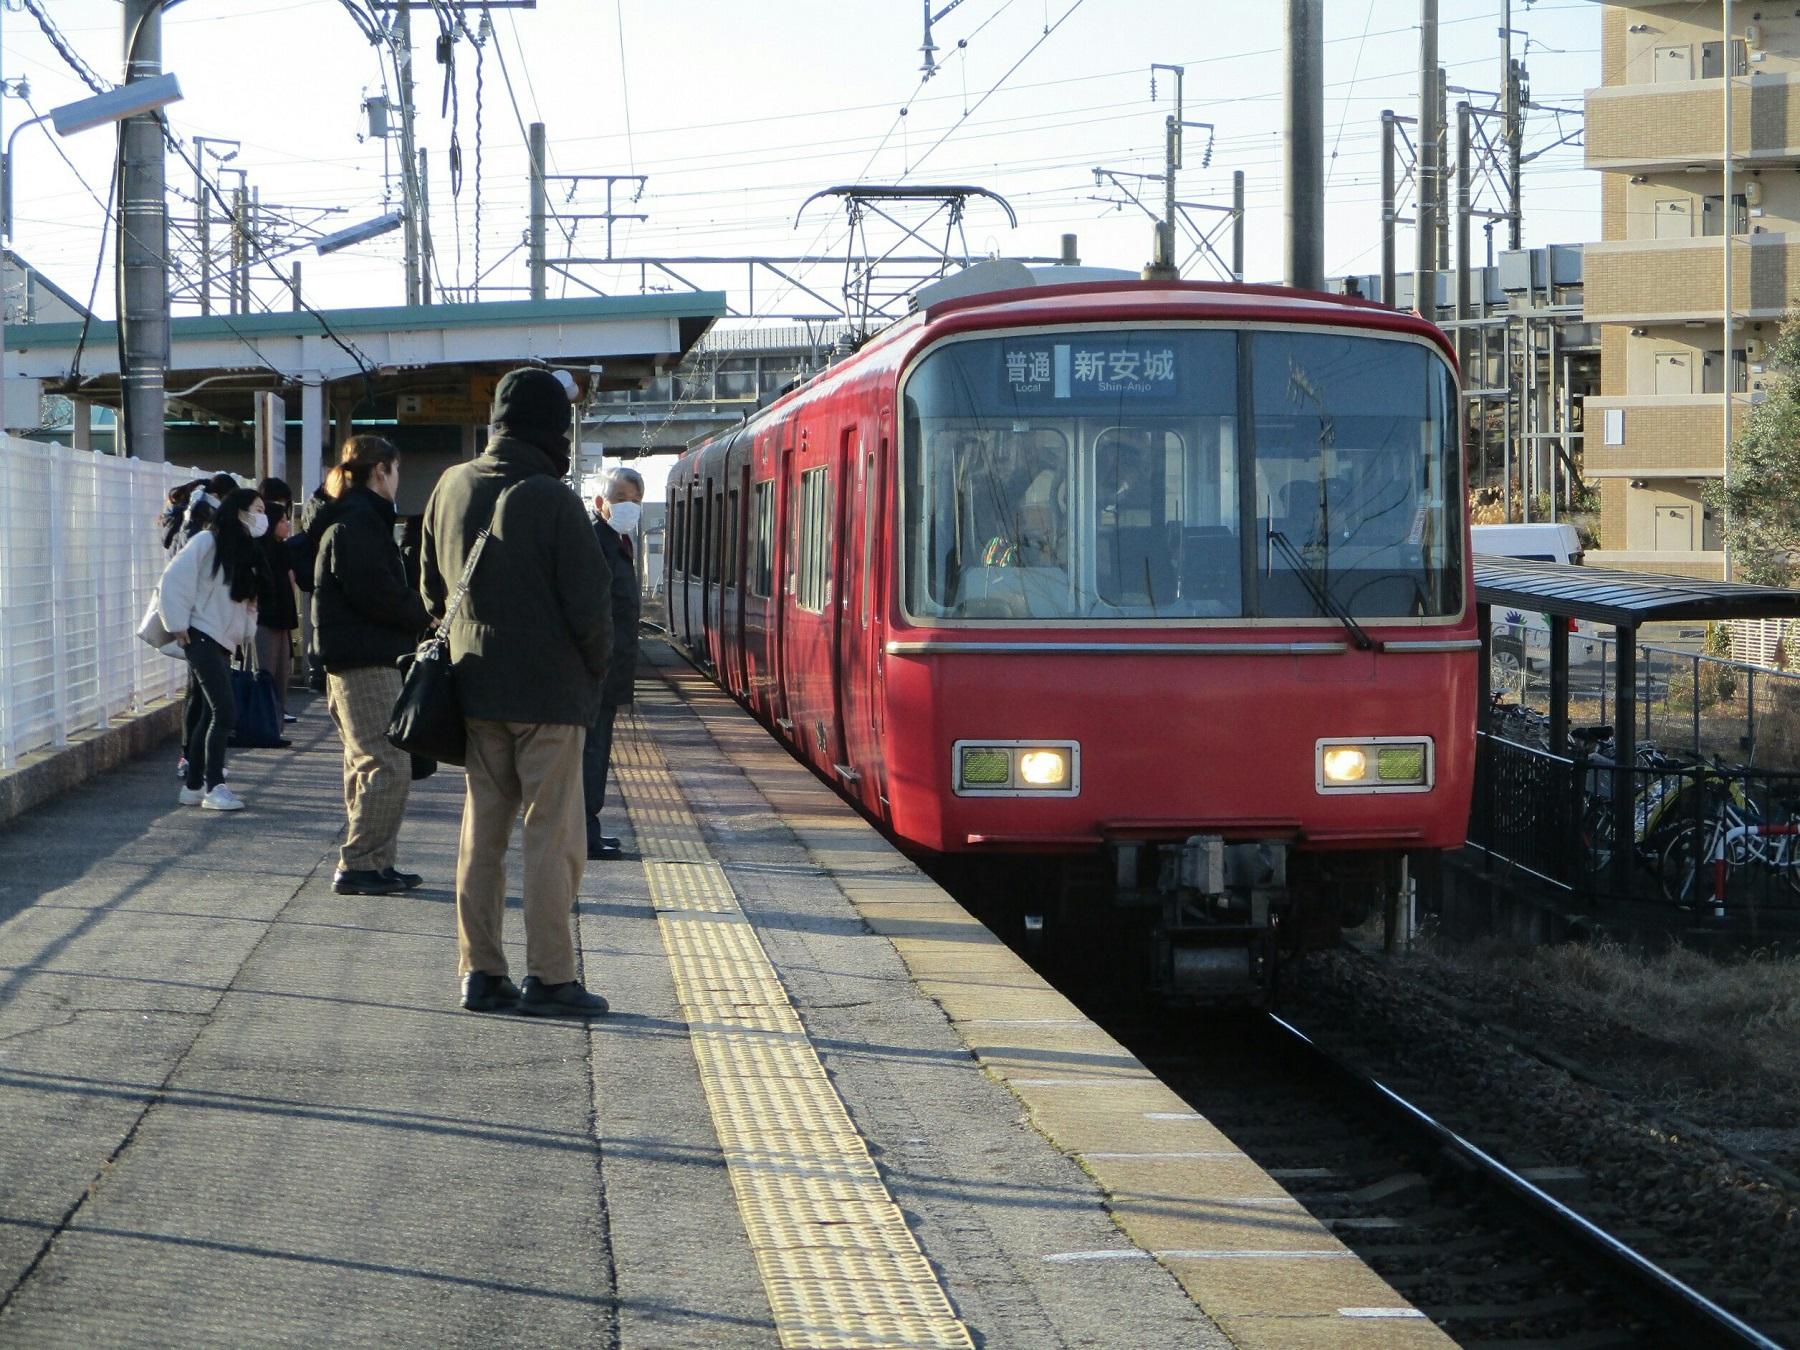 2019.1.7 (1) 古井 - しんあんじょういきふつう 1800-1350